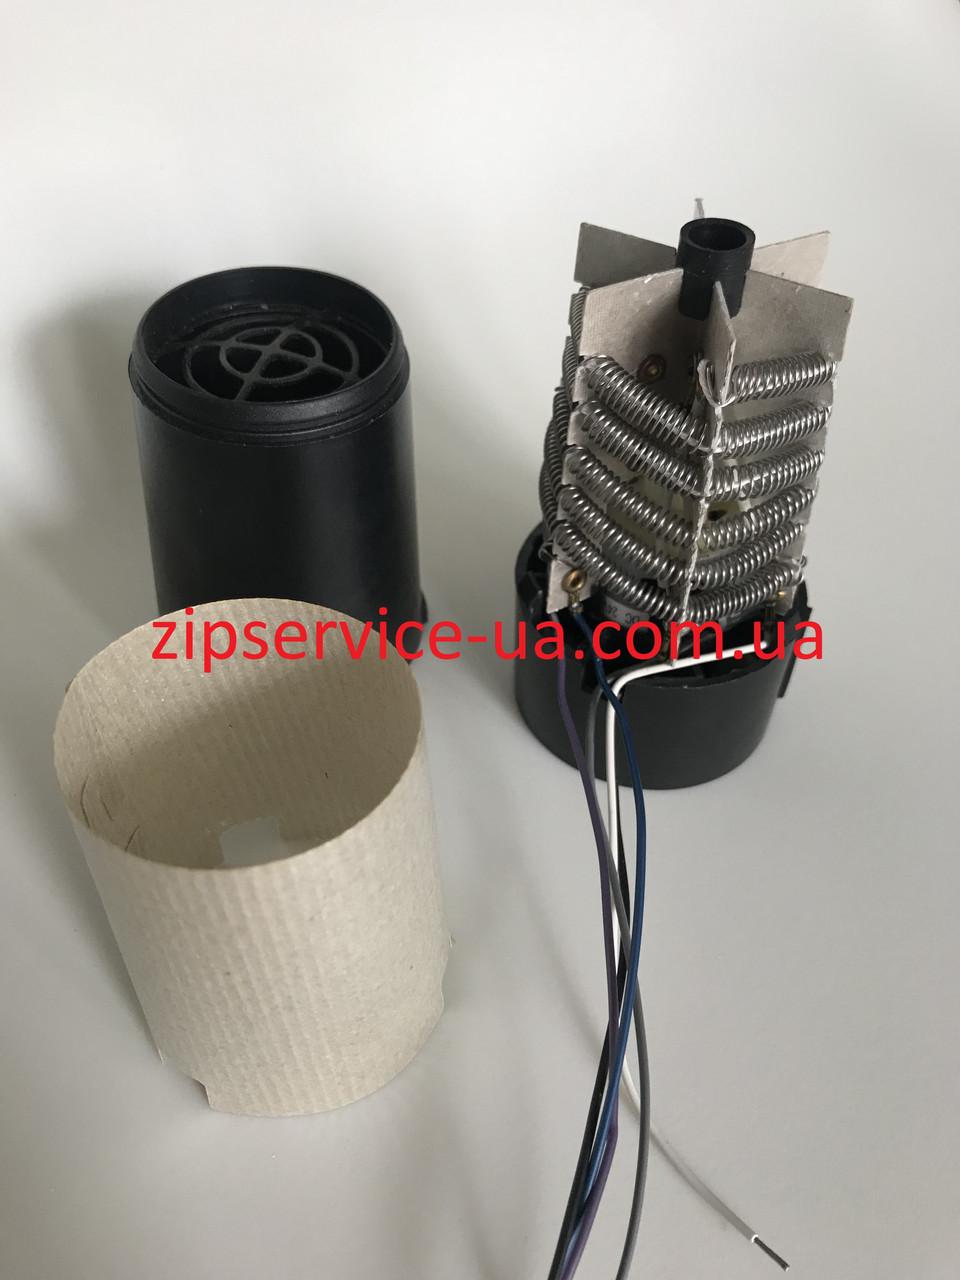 Нагревательный элемент фена в сборе с крыльчаткой и мотором